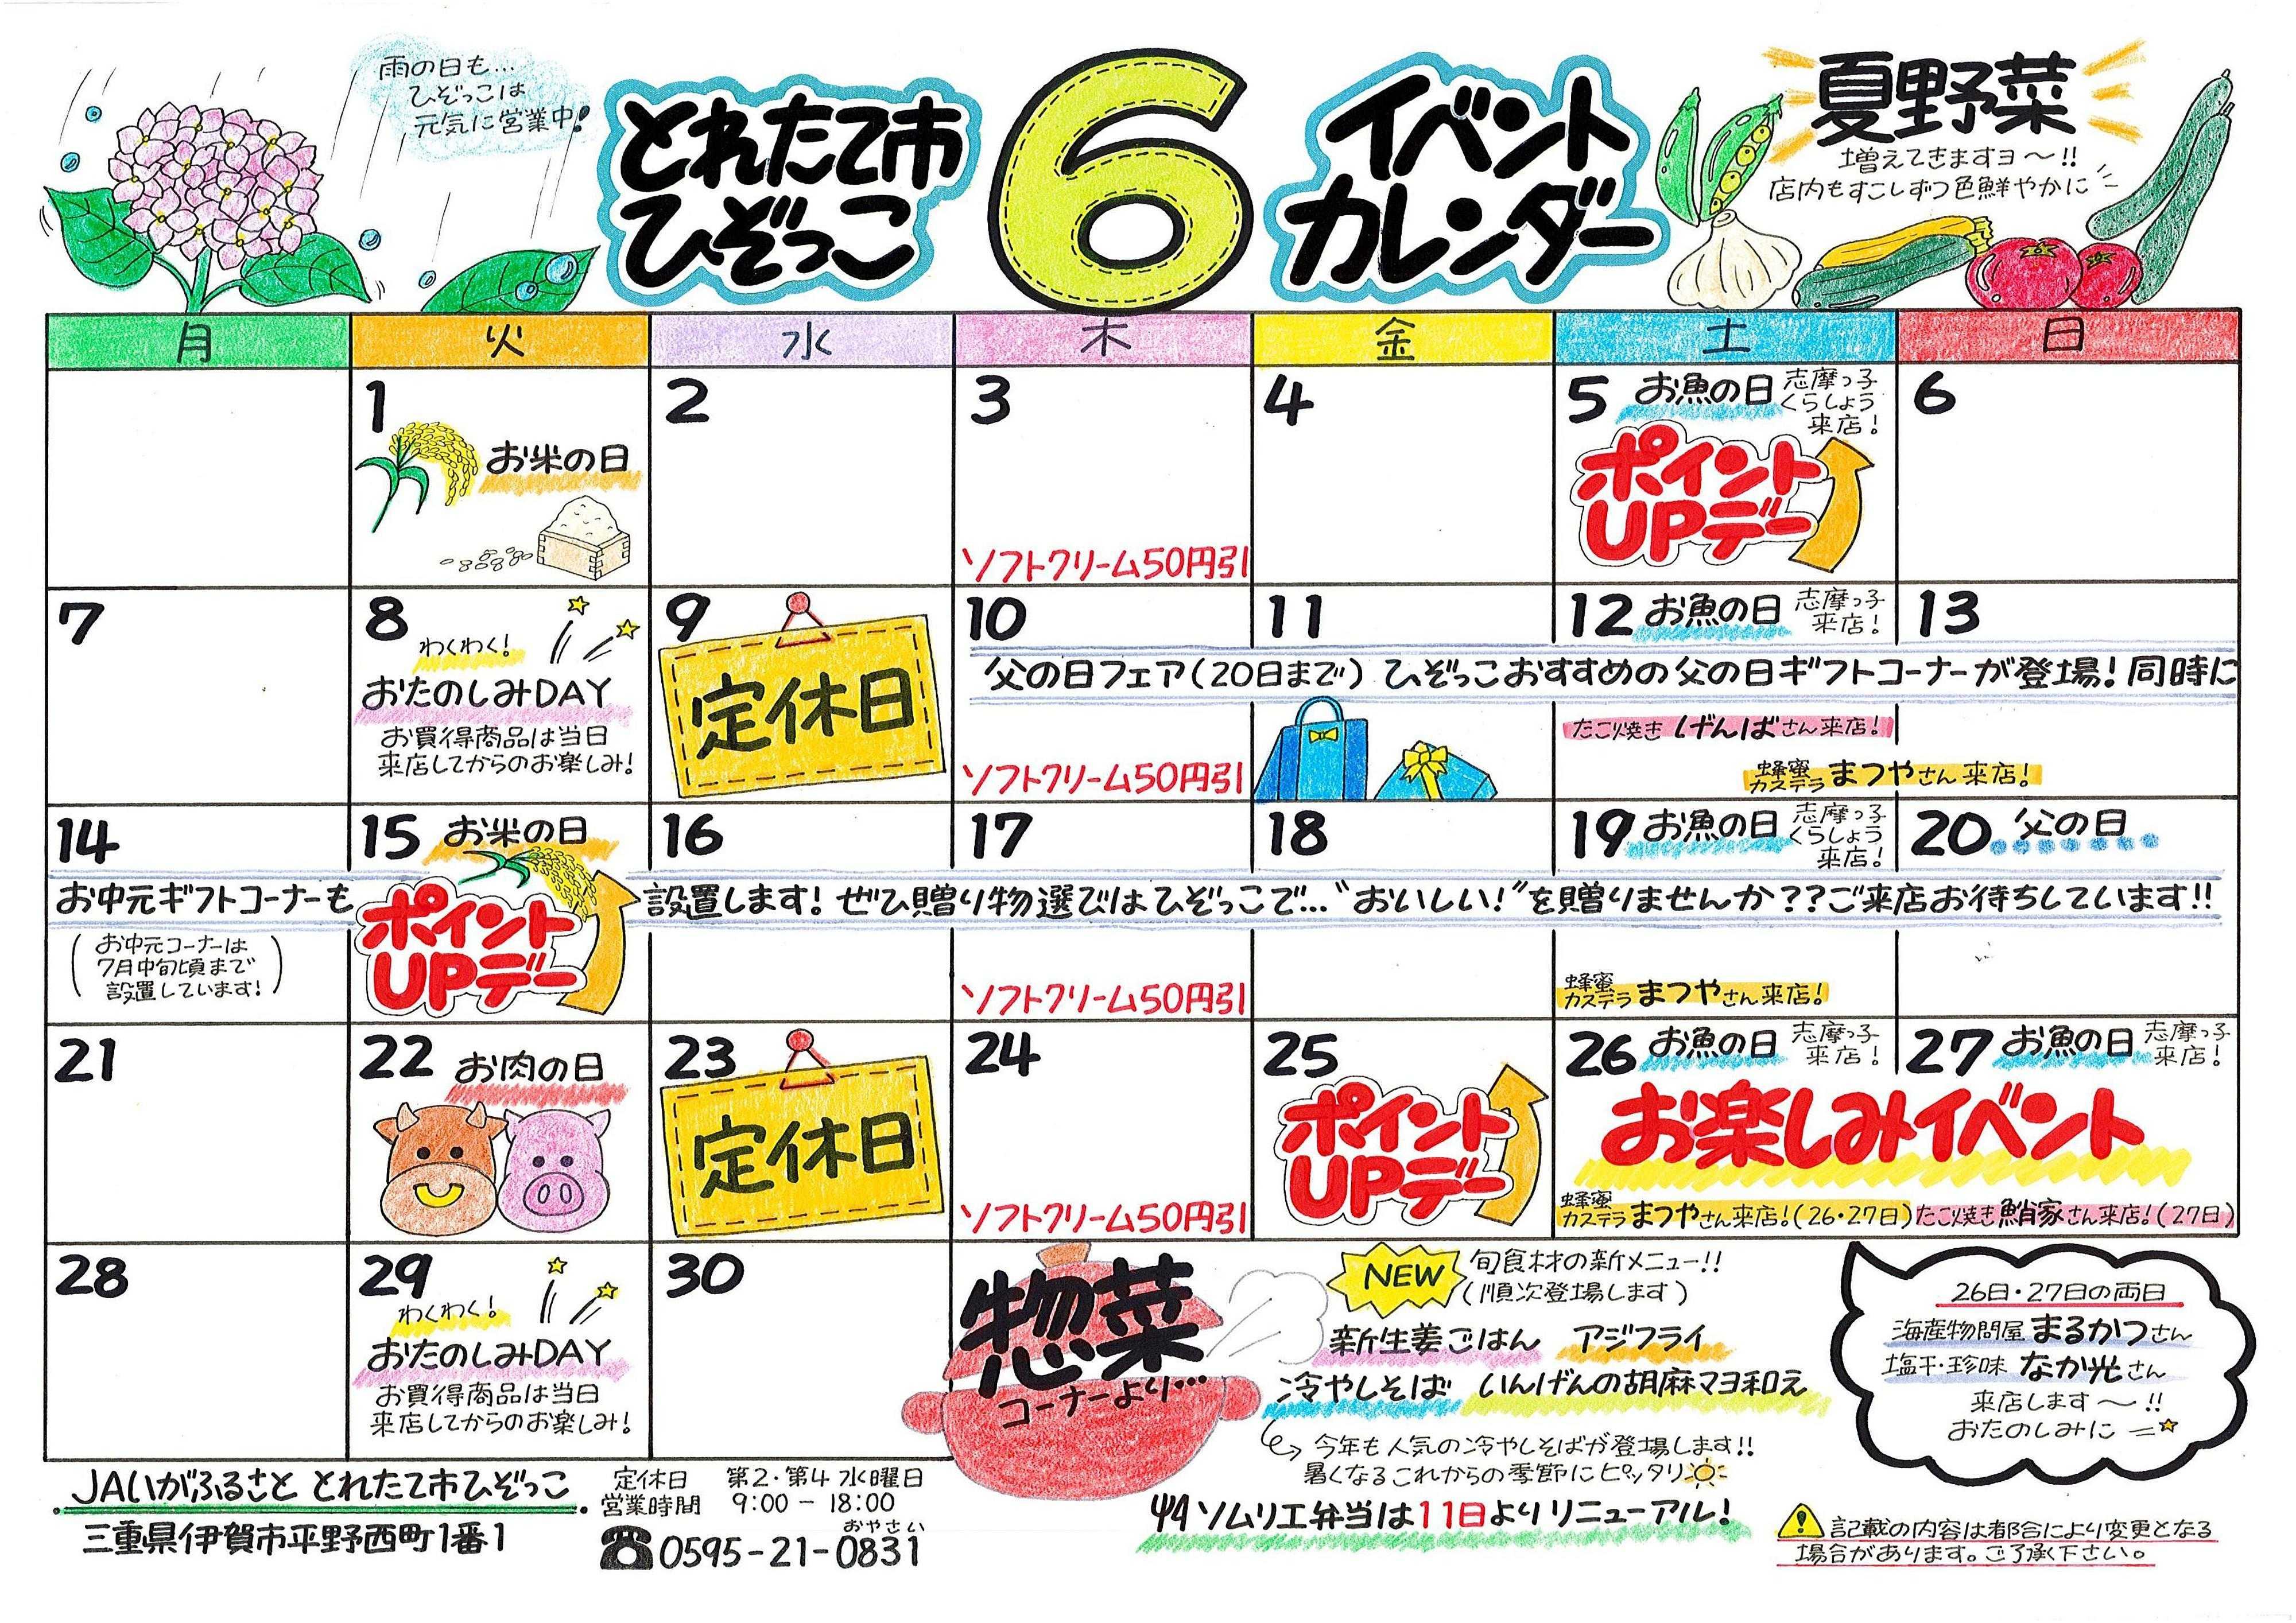 JAいがふるさと 6月のイベントカレンダーです!